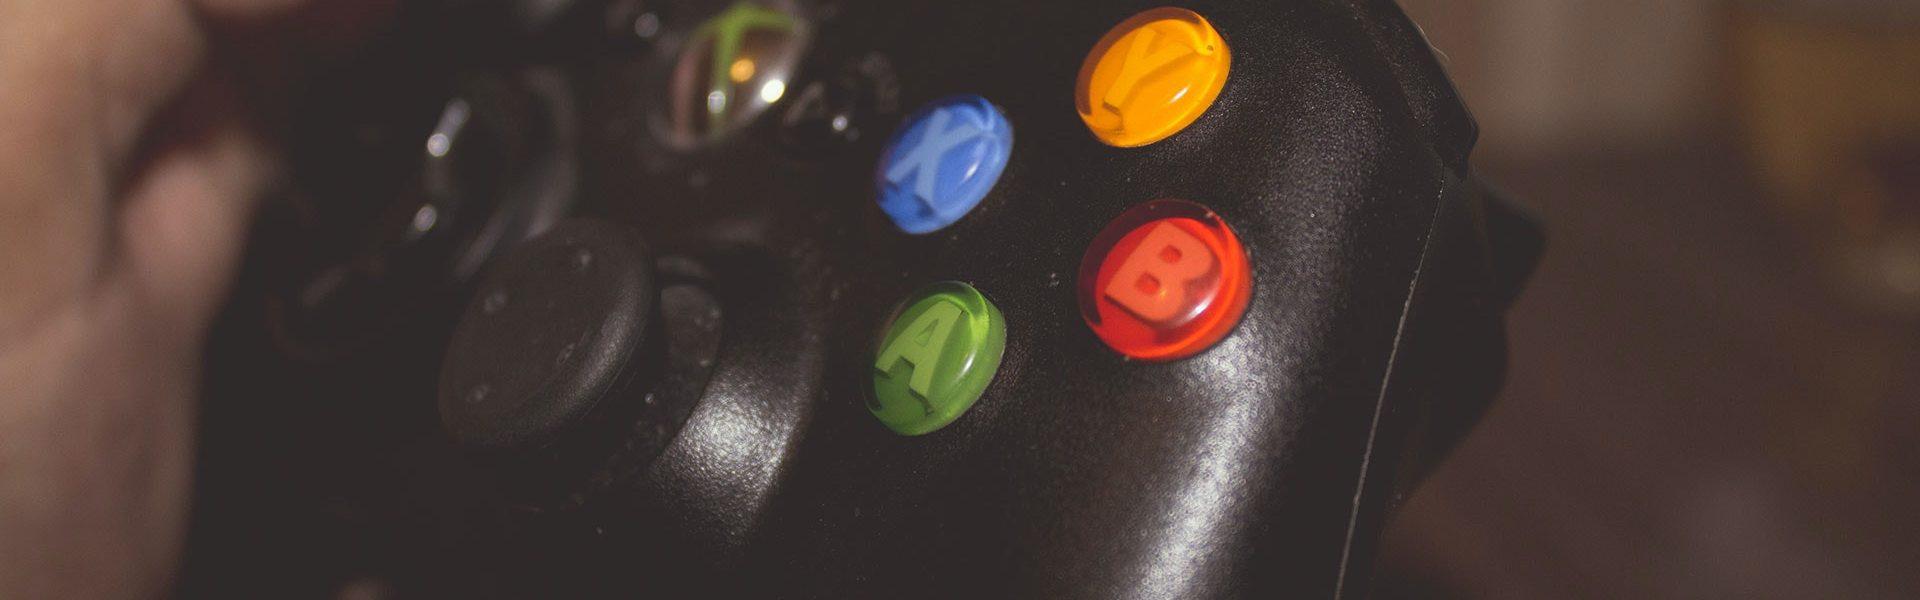 Kiosk z grami - sprawdź, gdzie kupić gry na PS i Xbox